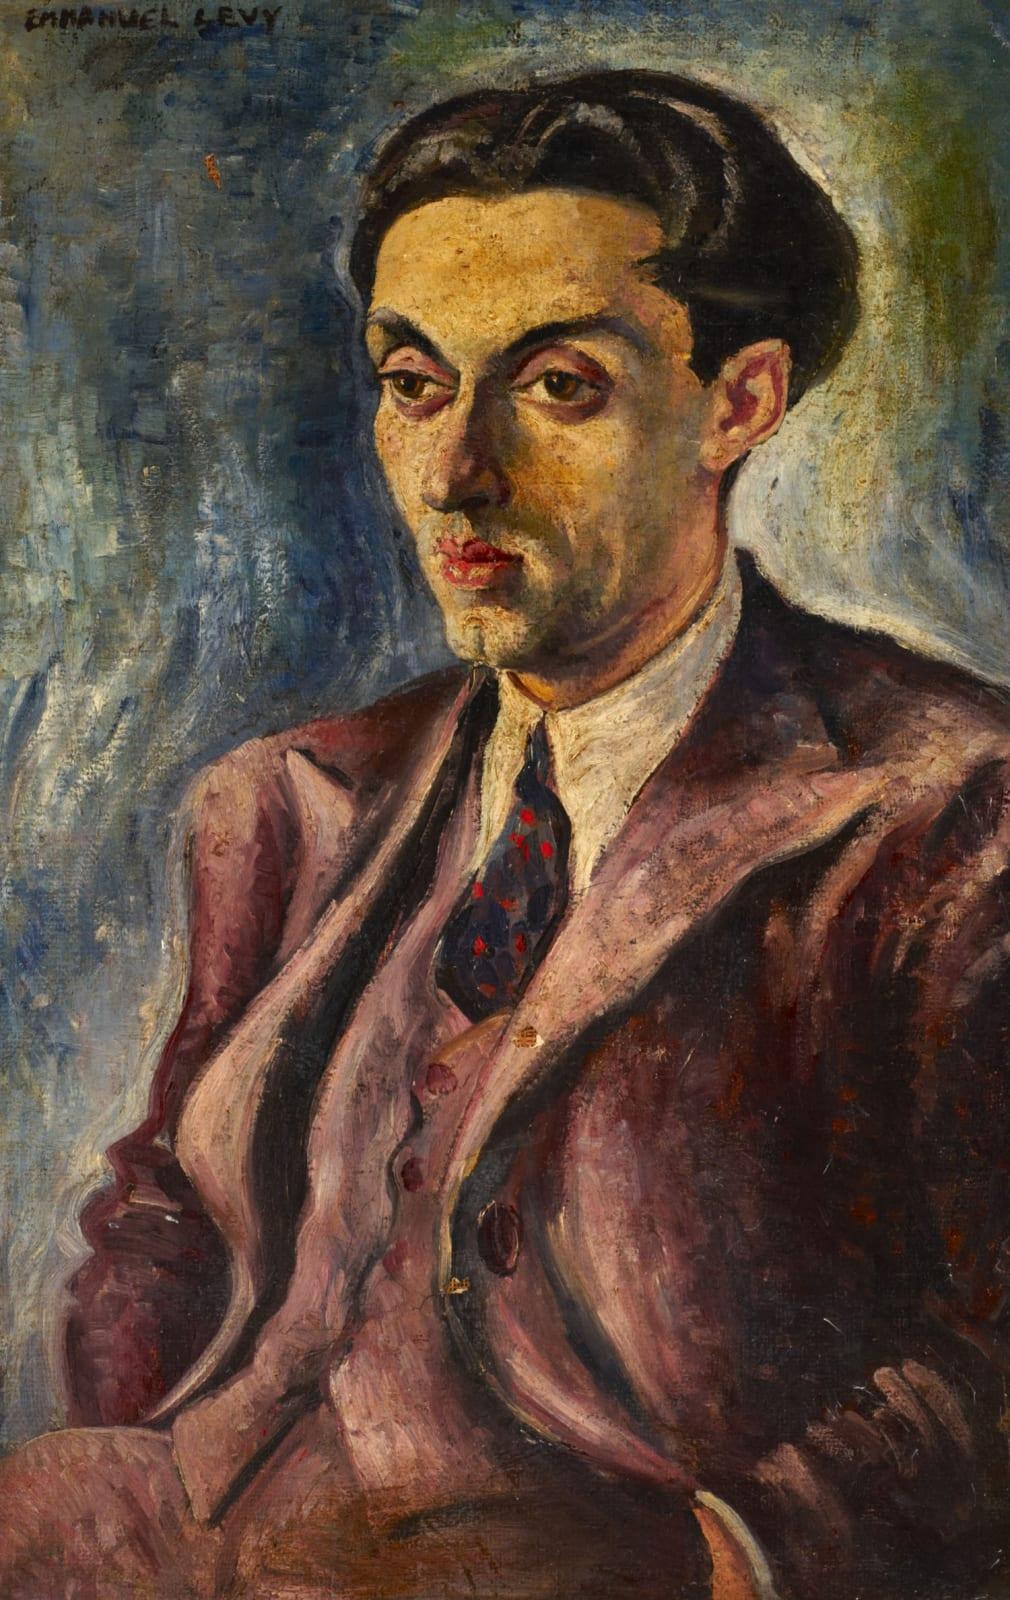 Emmanuel Levy (1900-1986) Portrait of a Man 1930s Oil on canvas 75 x 49 cm Ben Uri Collection © Emmanuel Levy estate